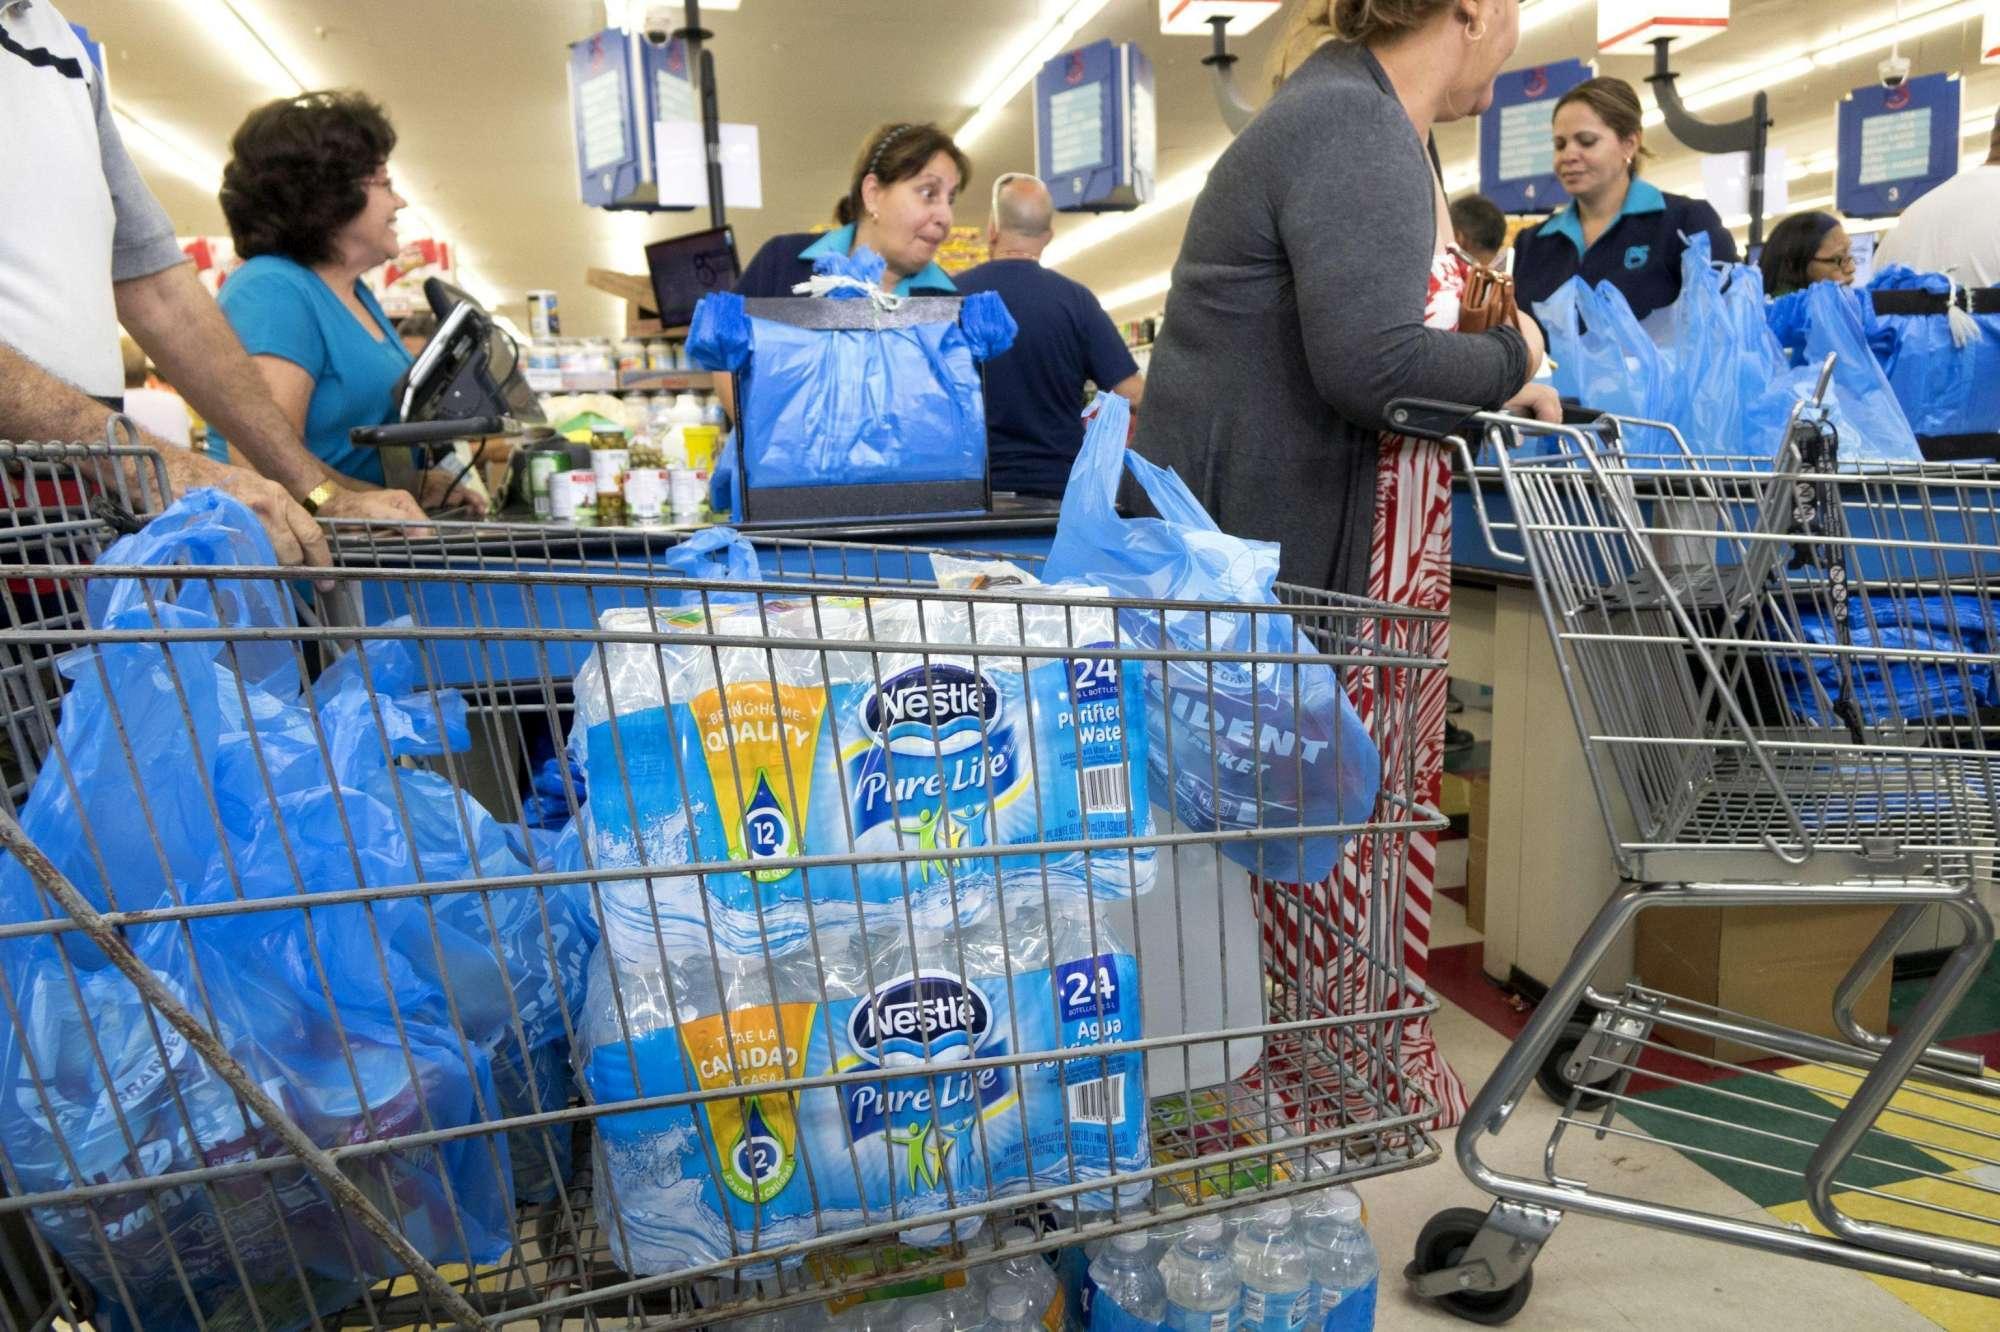 Scorte di cibo e pannelli per proteggere le abitazioni: la Florida si prepara all uragano Matthew